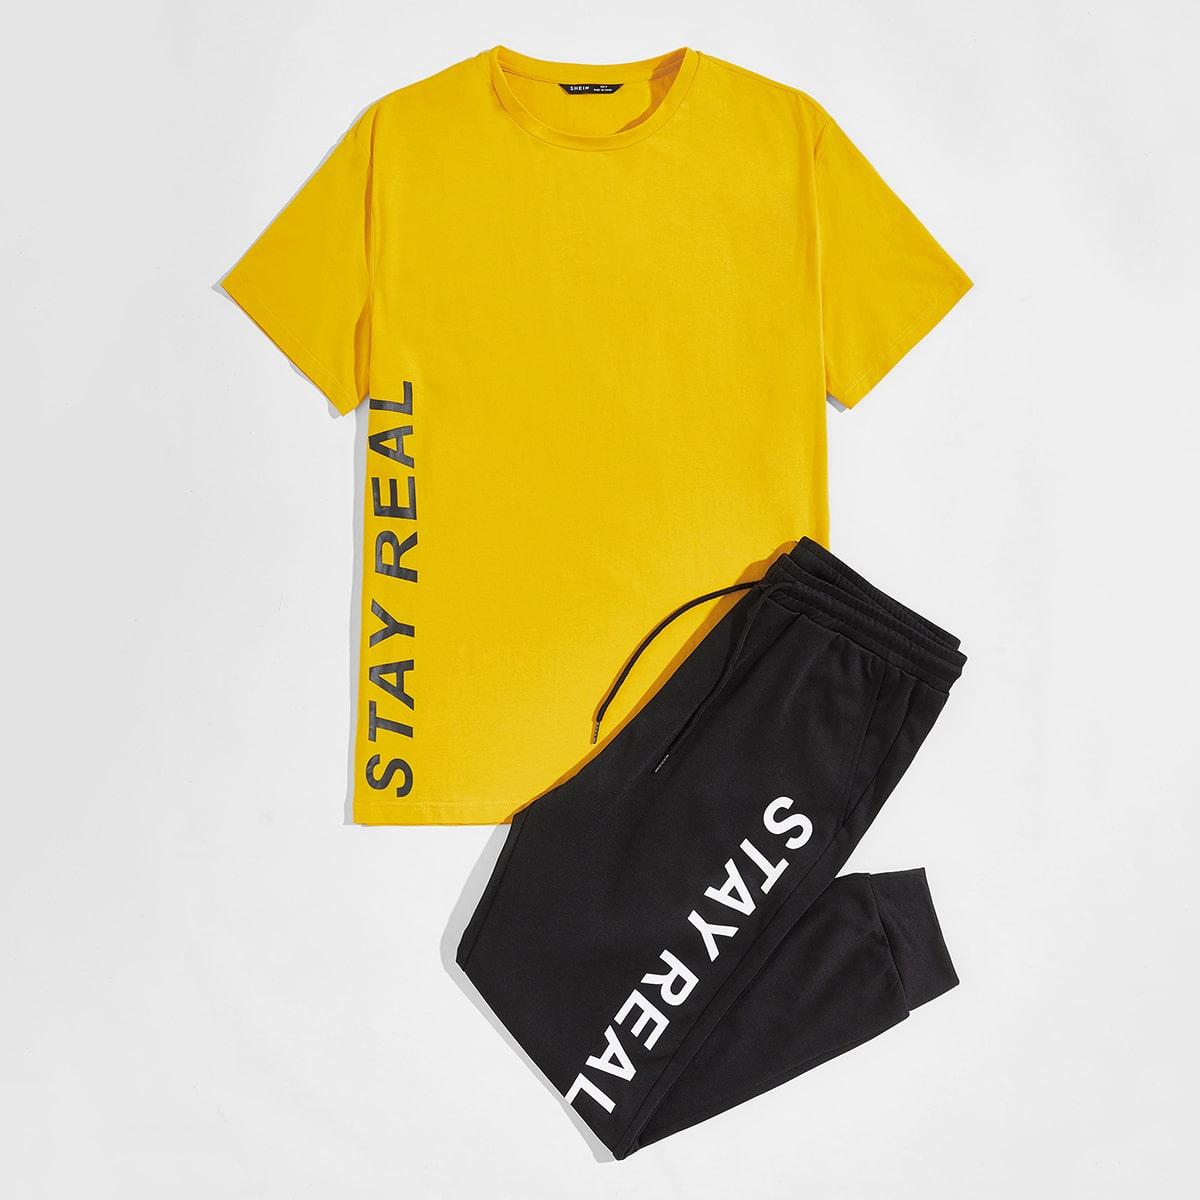 Мужской топ с текстовым принтом и спортивные брюки фото